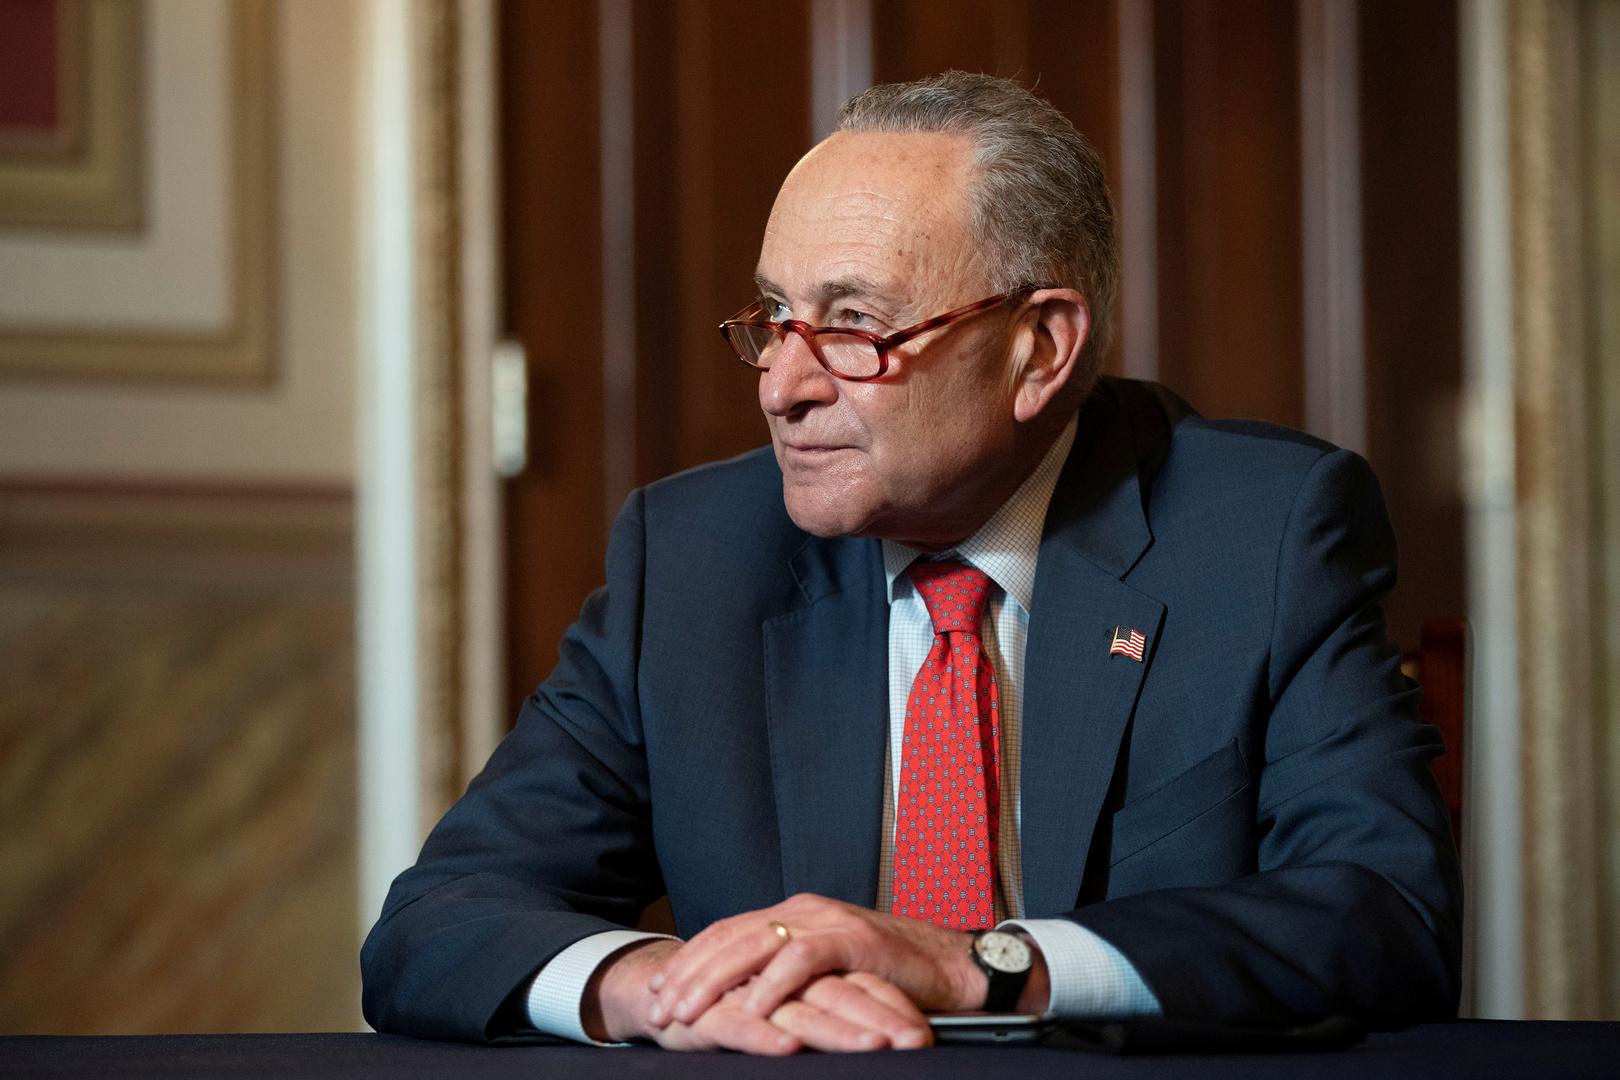 زعيم الأغلبية الديمقراطية في مجلس الشيوخ بالكونغرس الأمريكي، تشاك شومير.